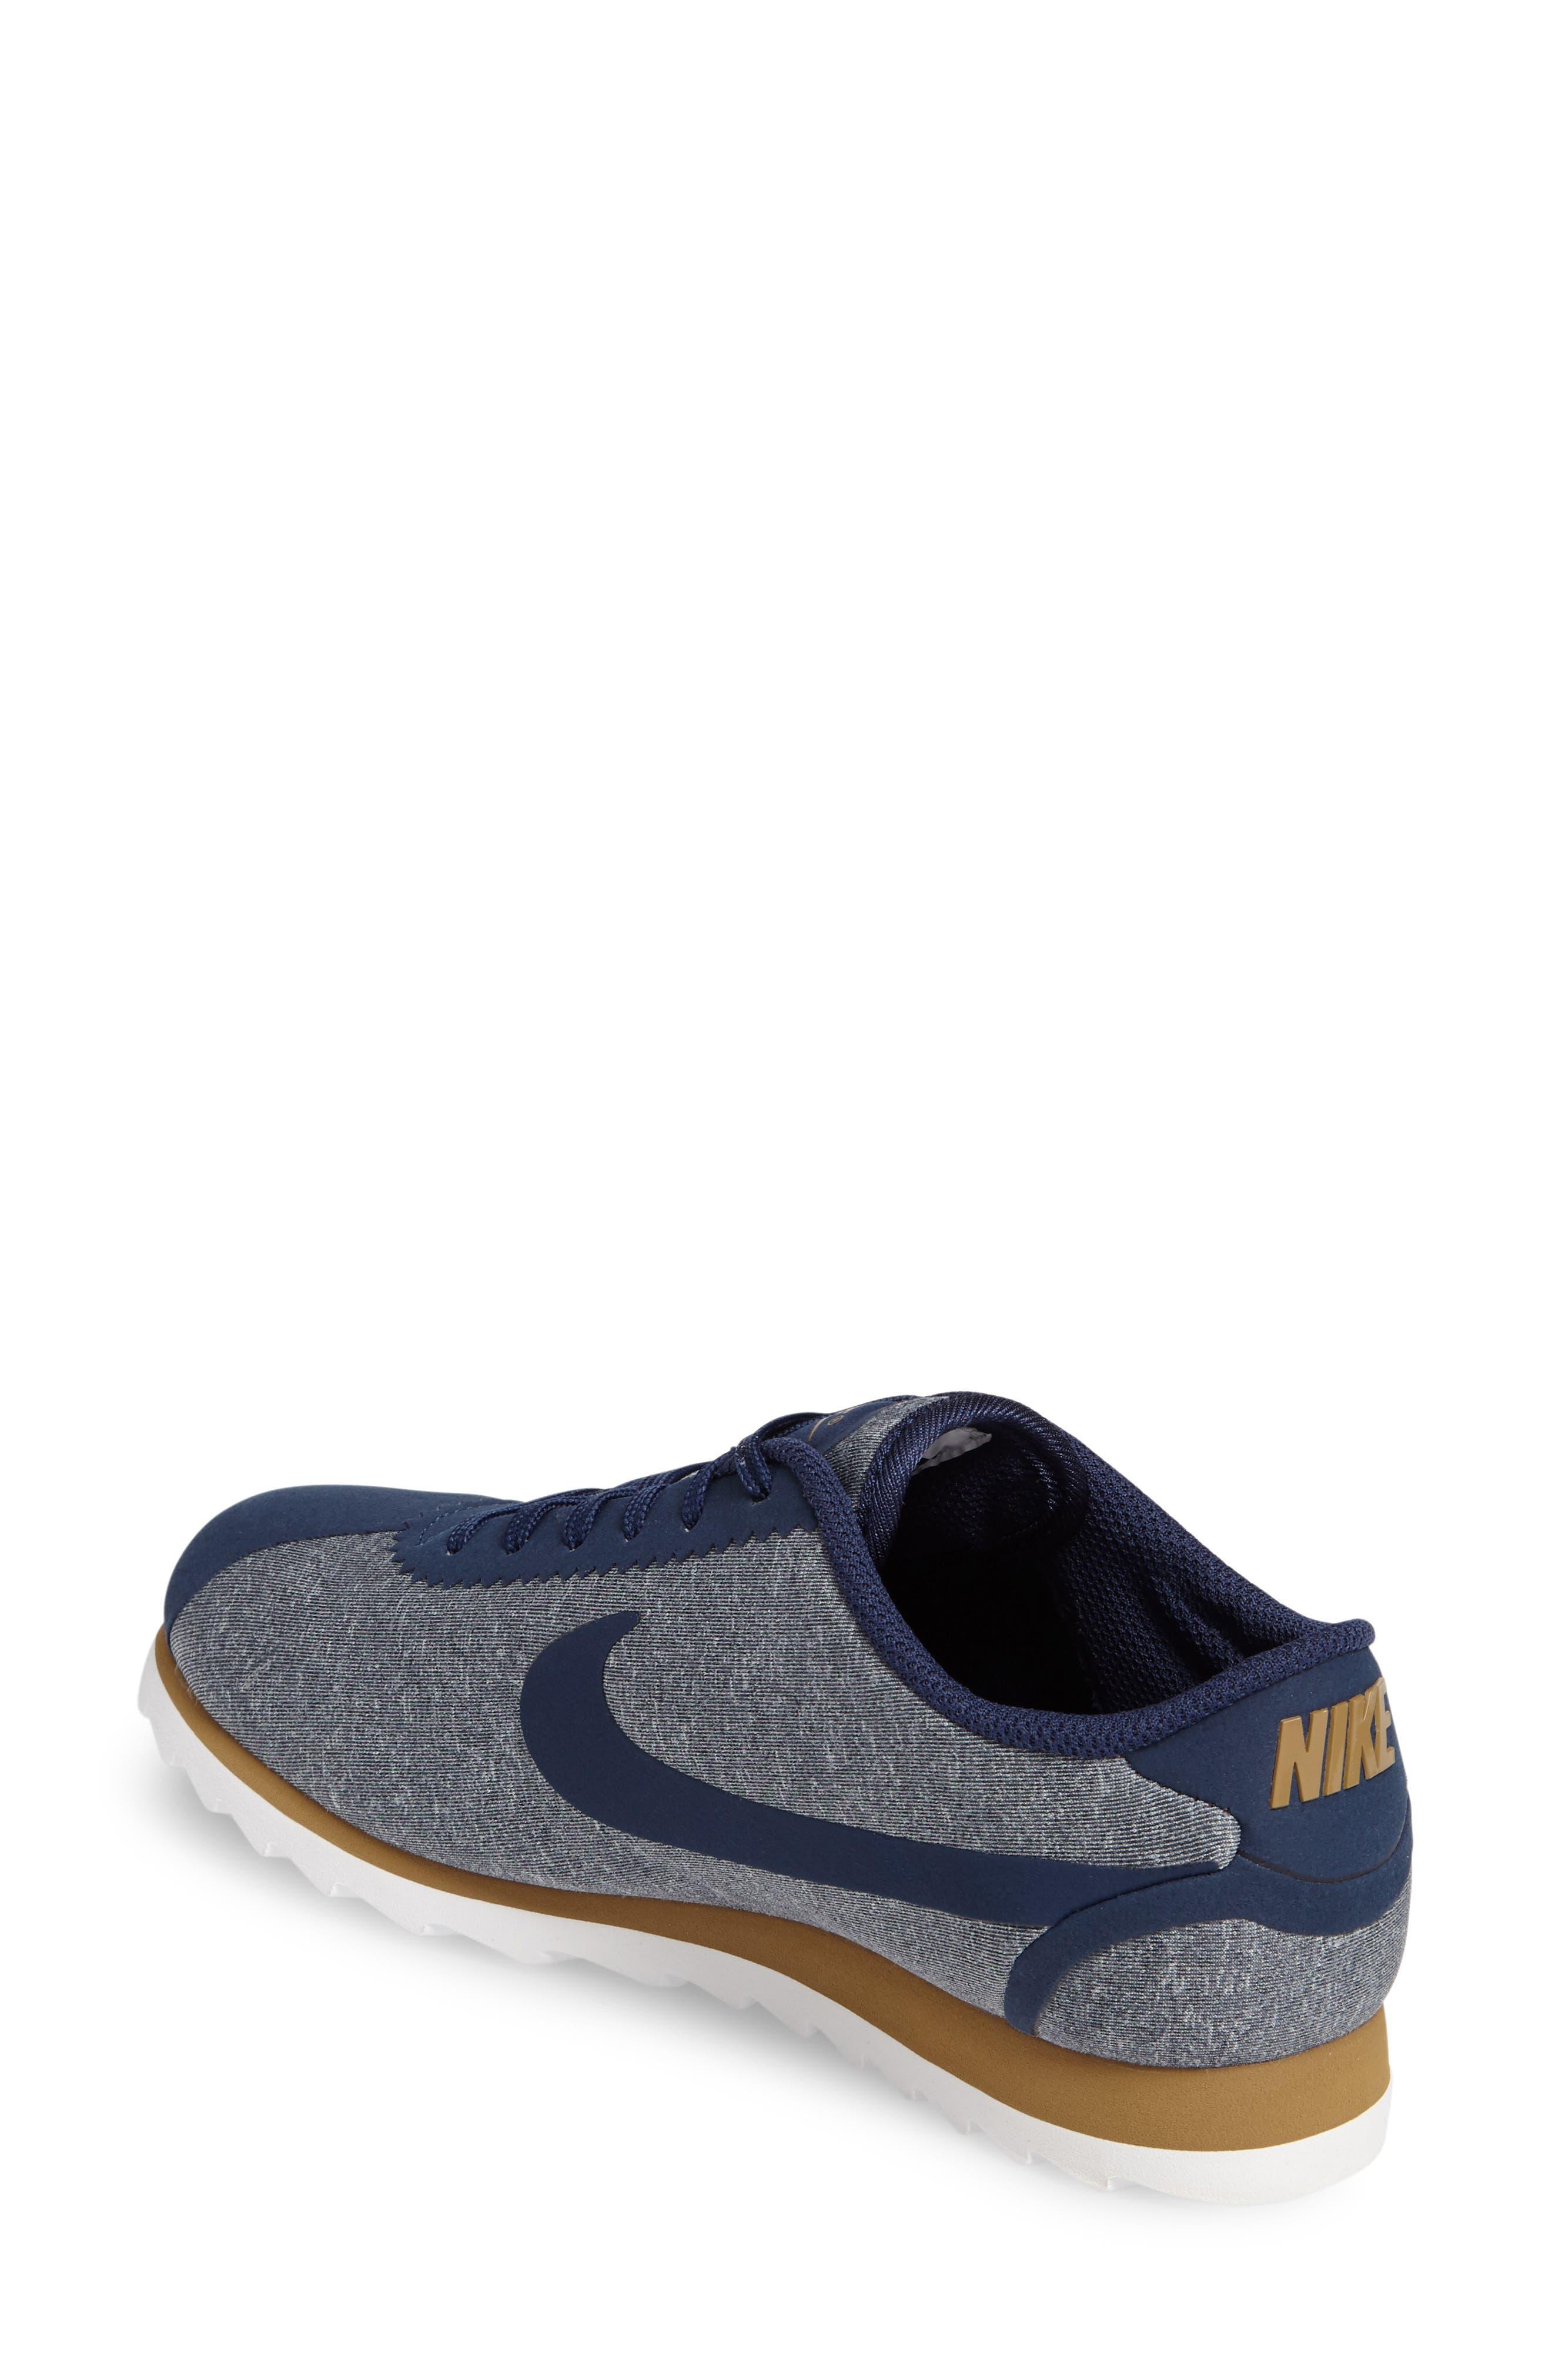 Alternate Image 2  - Nike Cortez Ultra SE Sneaker (Women)